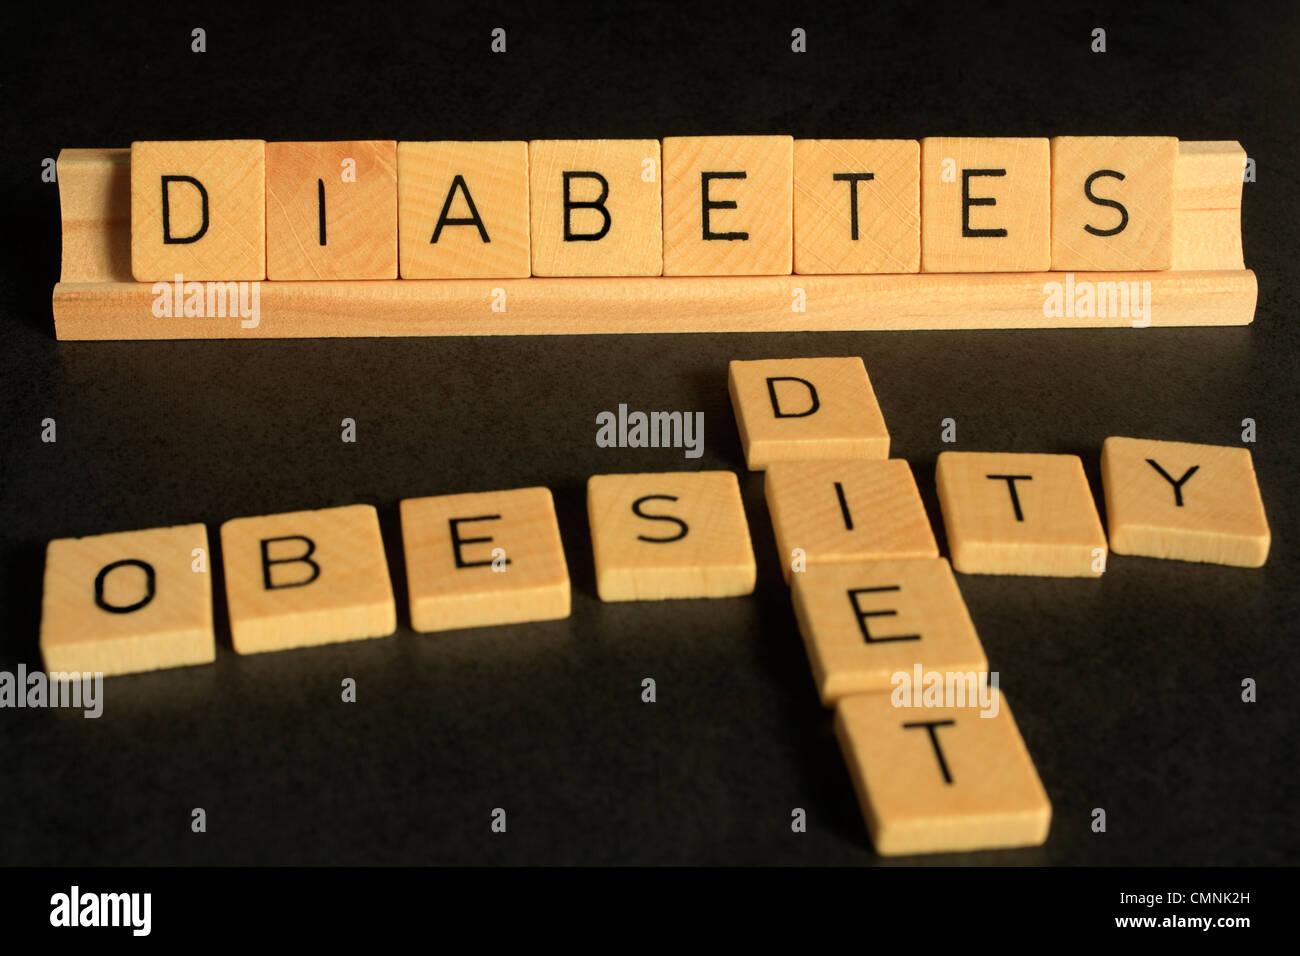 Un aspecto conceptual en diabetes, scrabble letras deletrear las palabras de diabetes, obesidad y dieta. Imagen De Stock